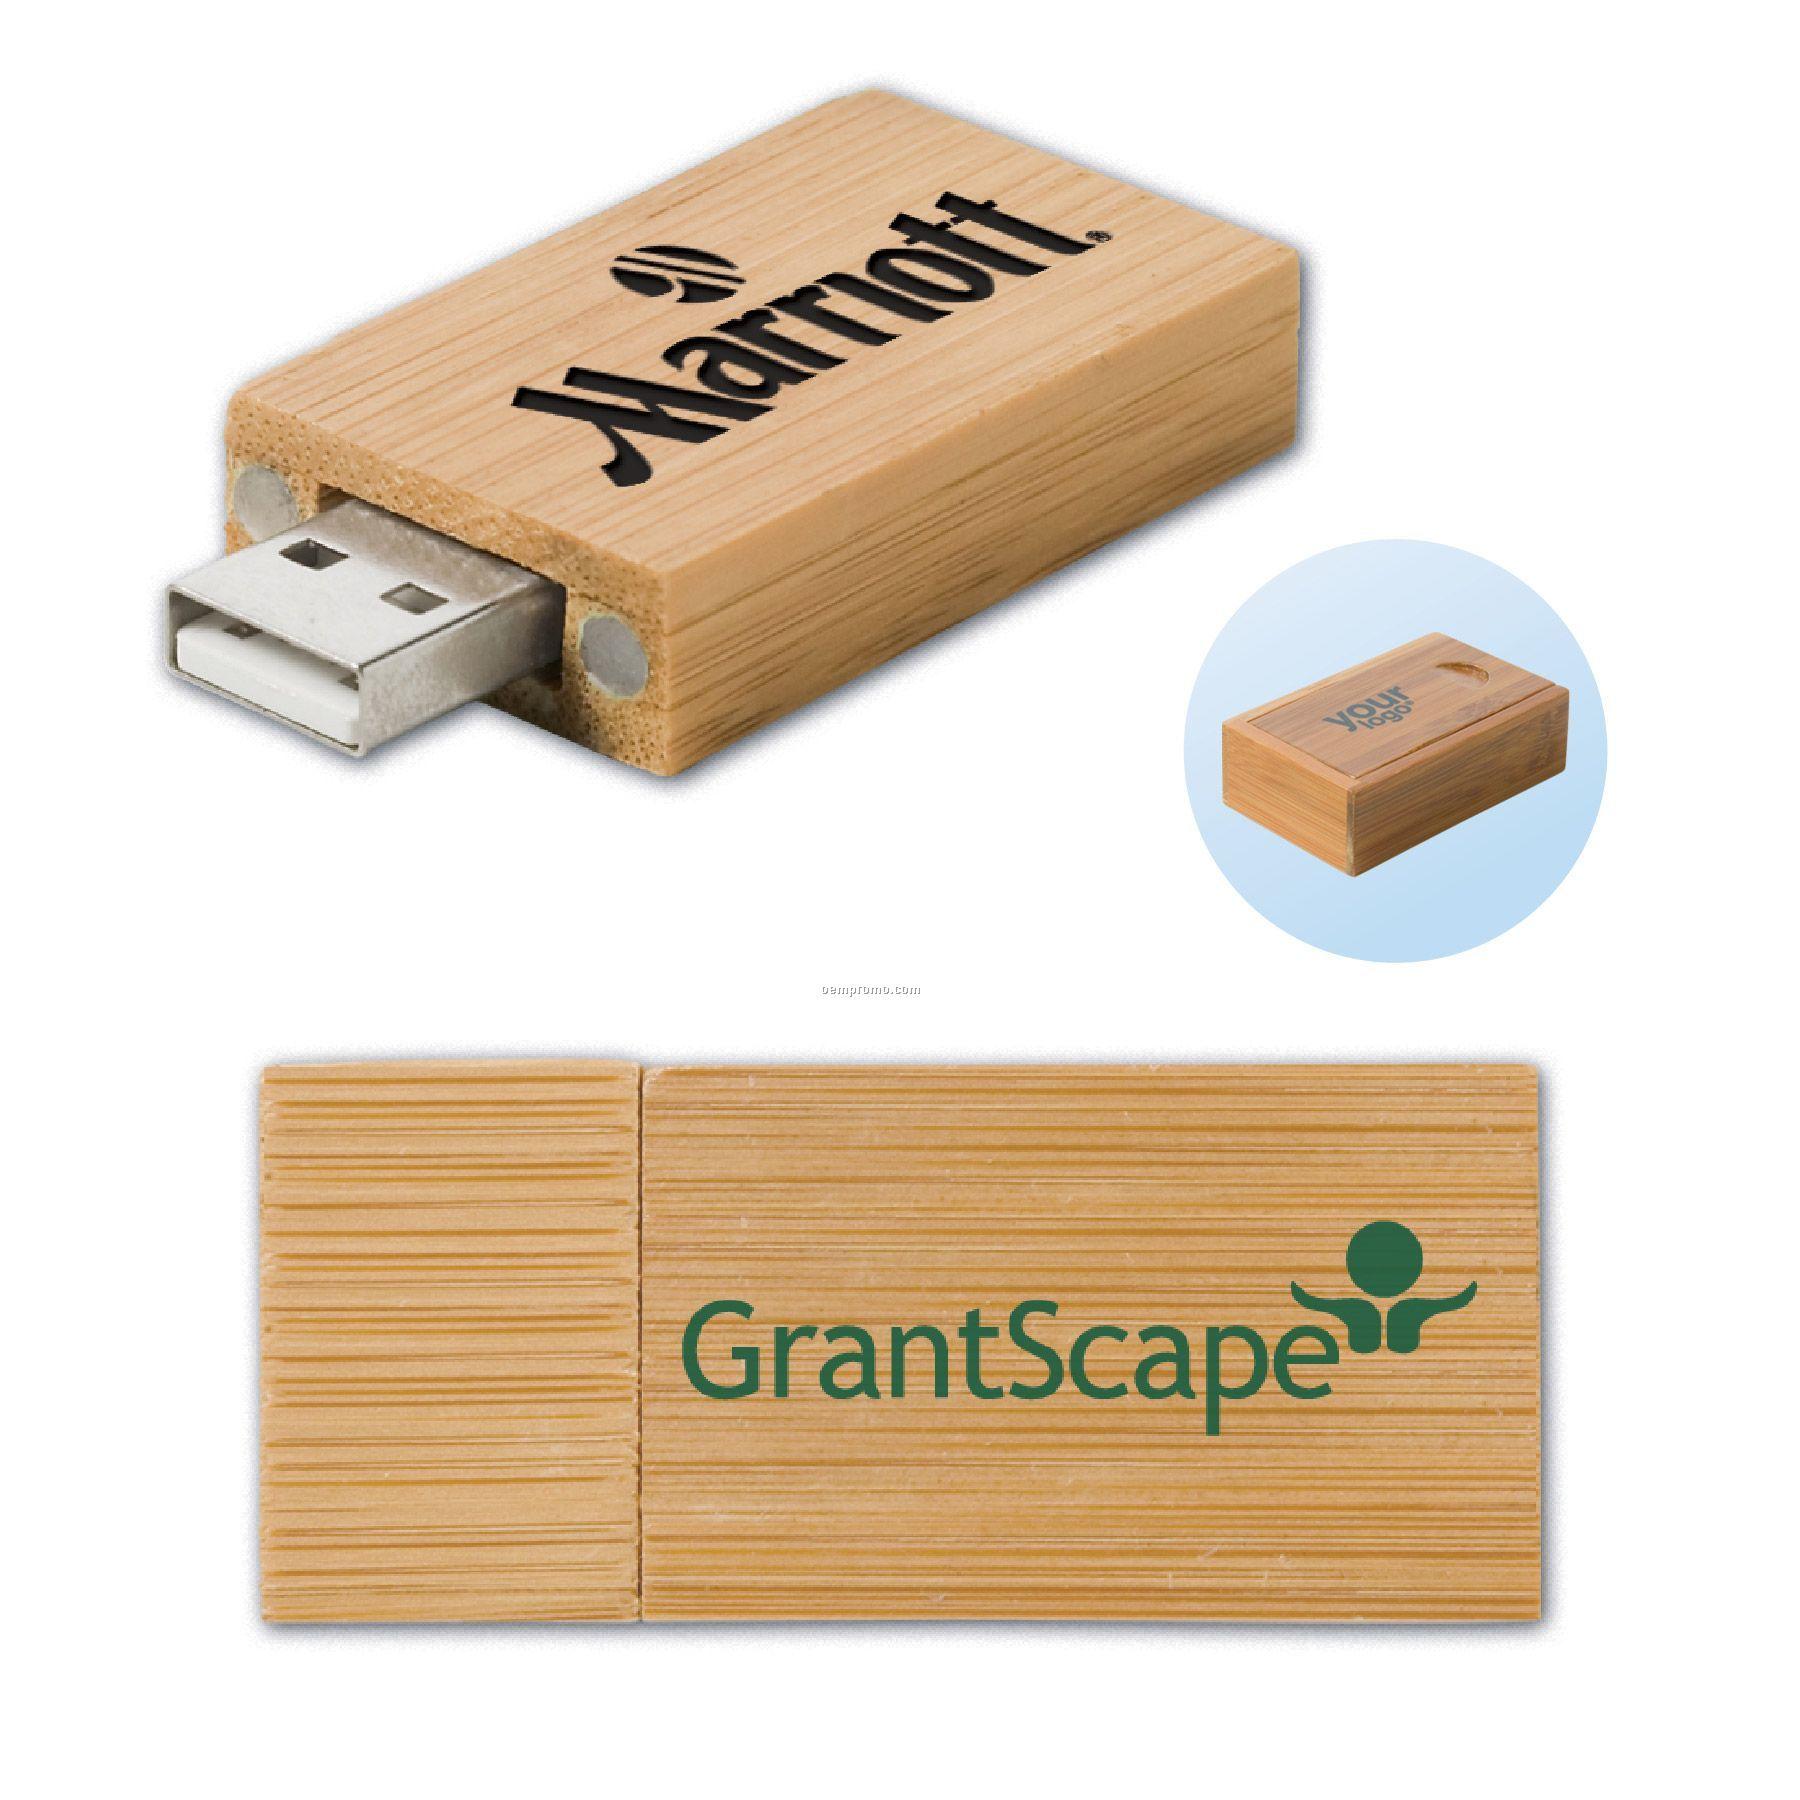 USB 2.0 Bamboo Drive Gb